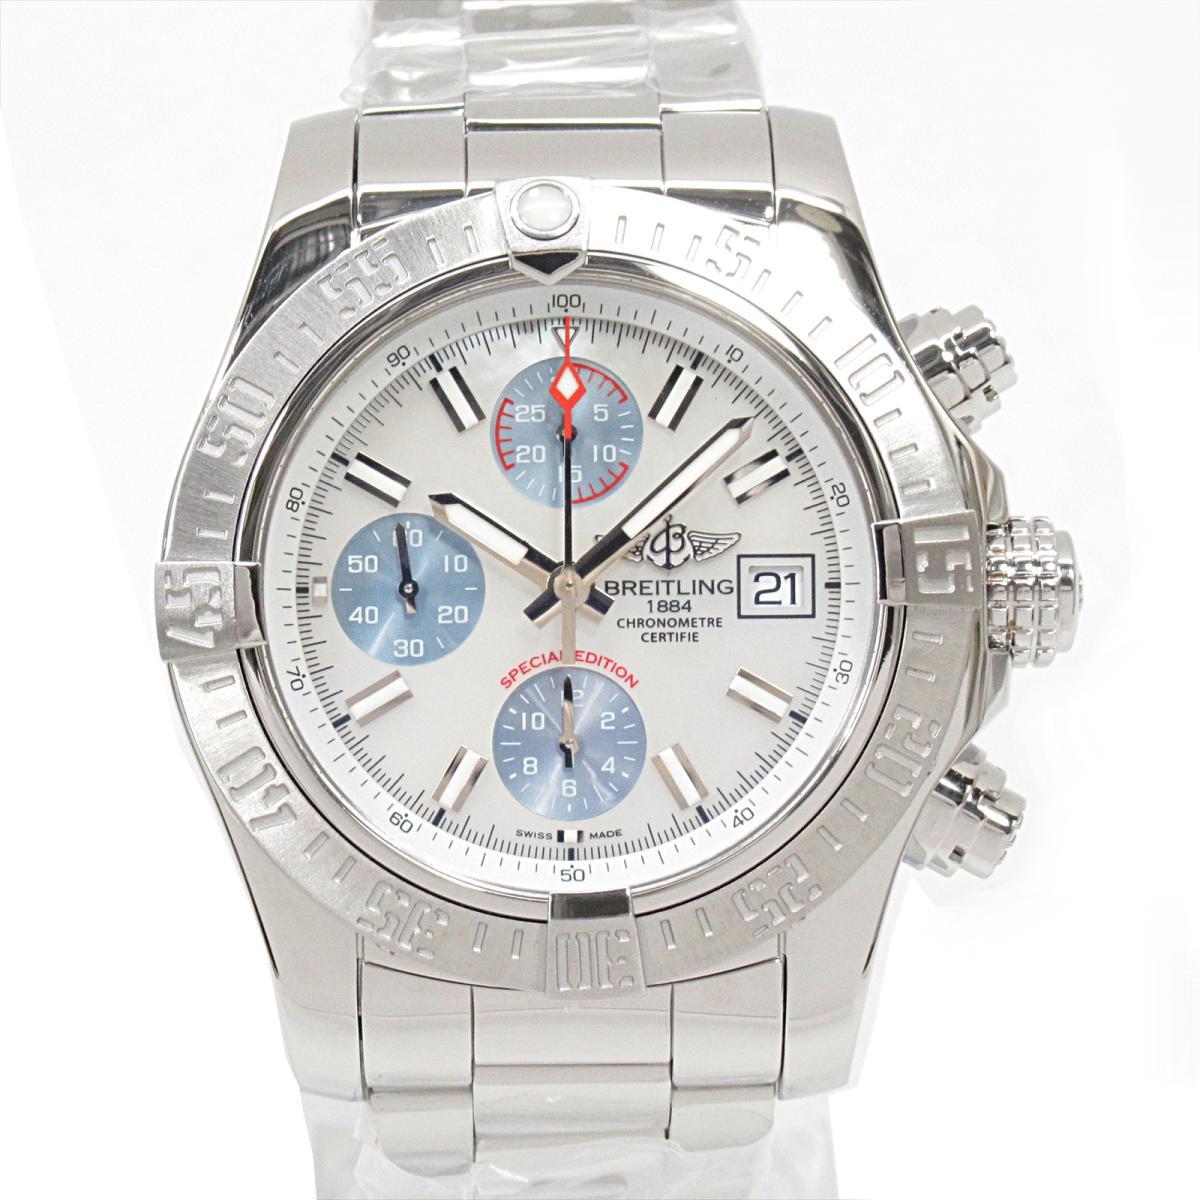 【中古】ブライトリング アベンジャー2 腕時計 ウォッチ メンズ ステンレススチール (SS) (A13381) | BREITLING BRANDOFF ブランドオフ ブランド ブランド時計 ブランド腕時計 時計